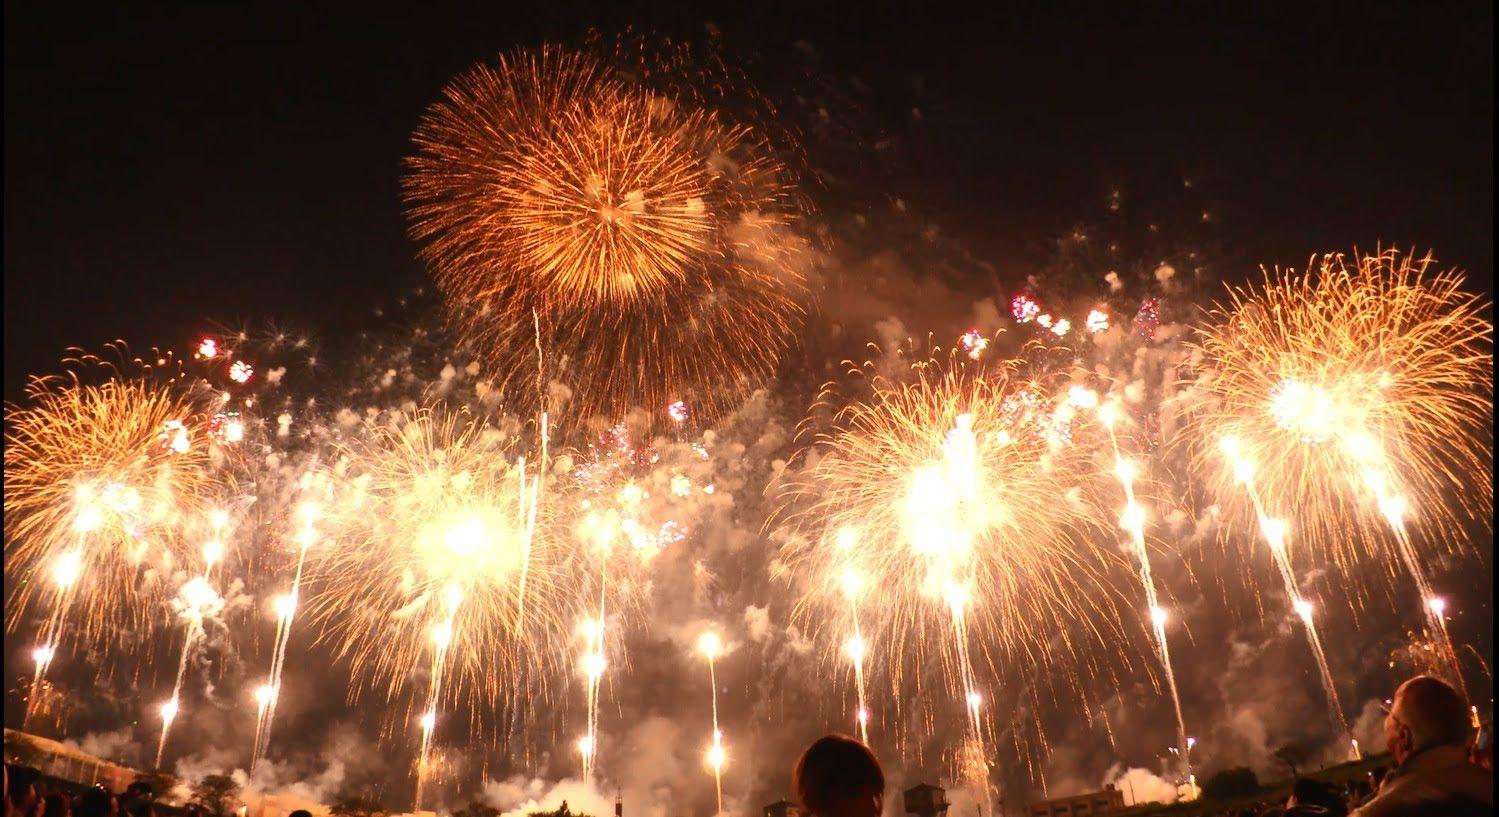 2015年 土浦全国花火競技大会  大会提供「土浦花火づくし」